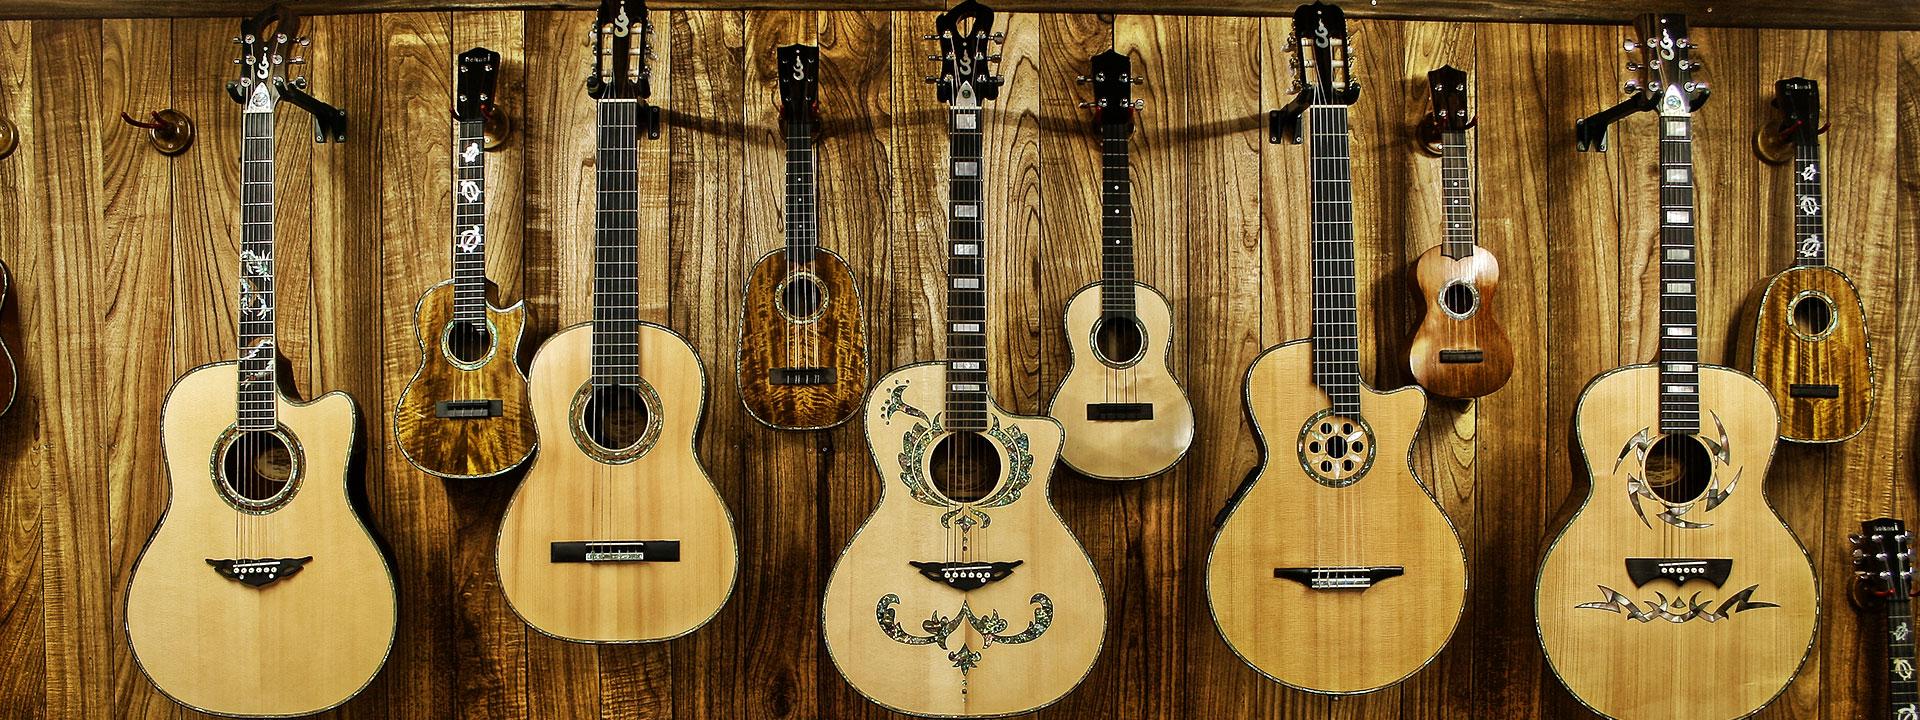 Ferangeli Guitars